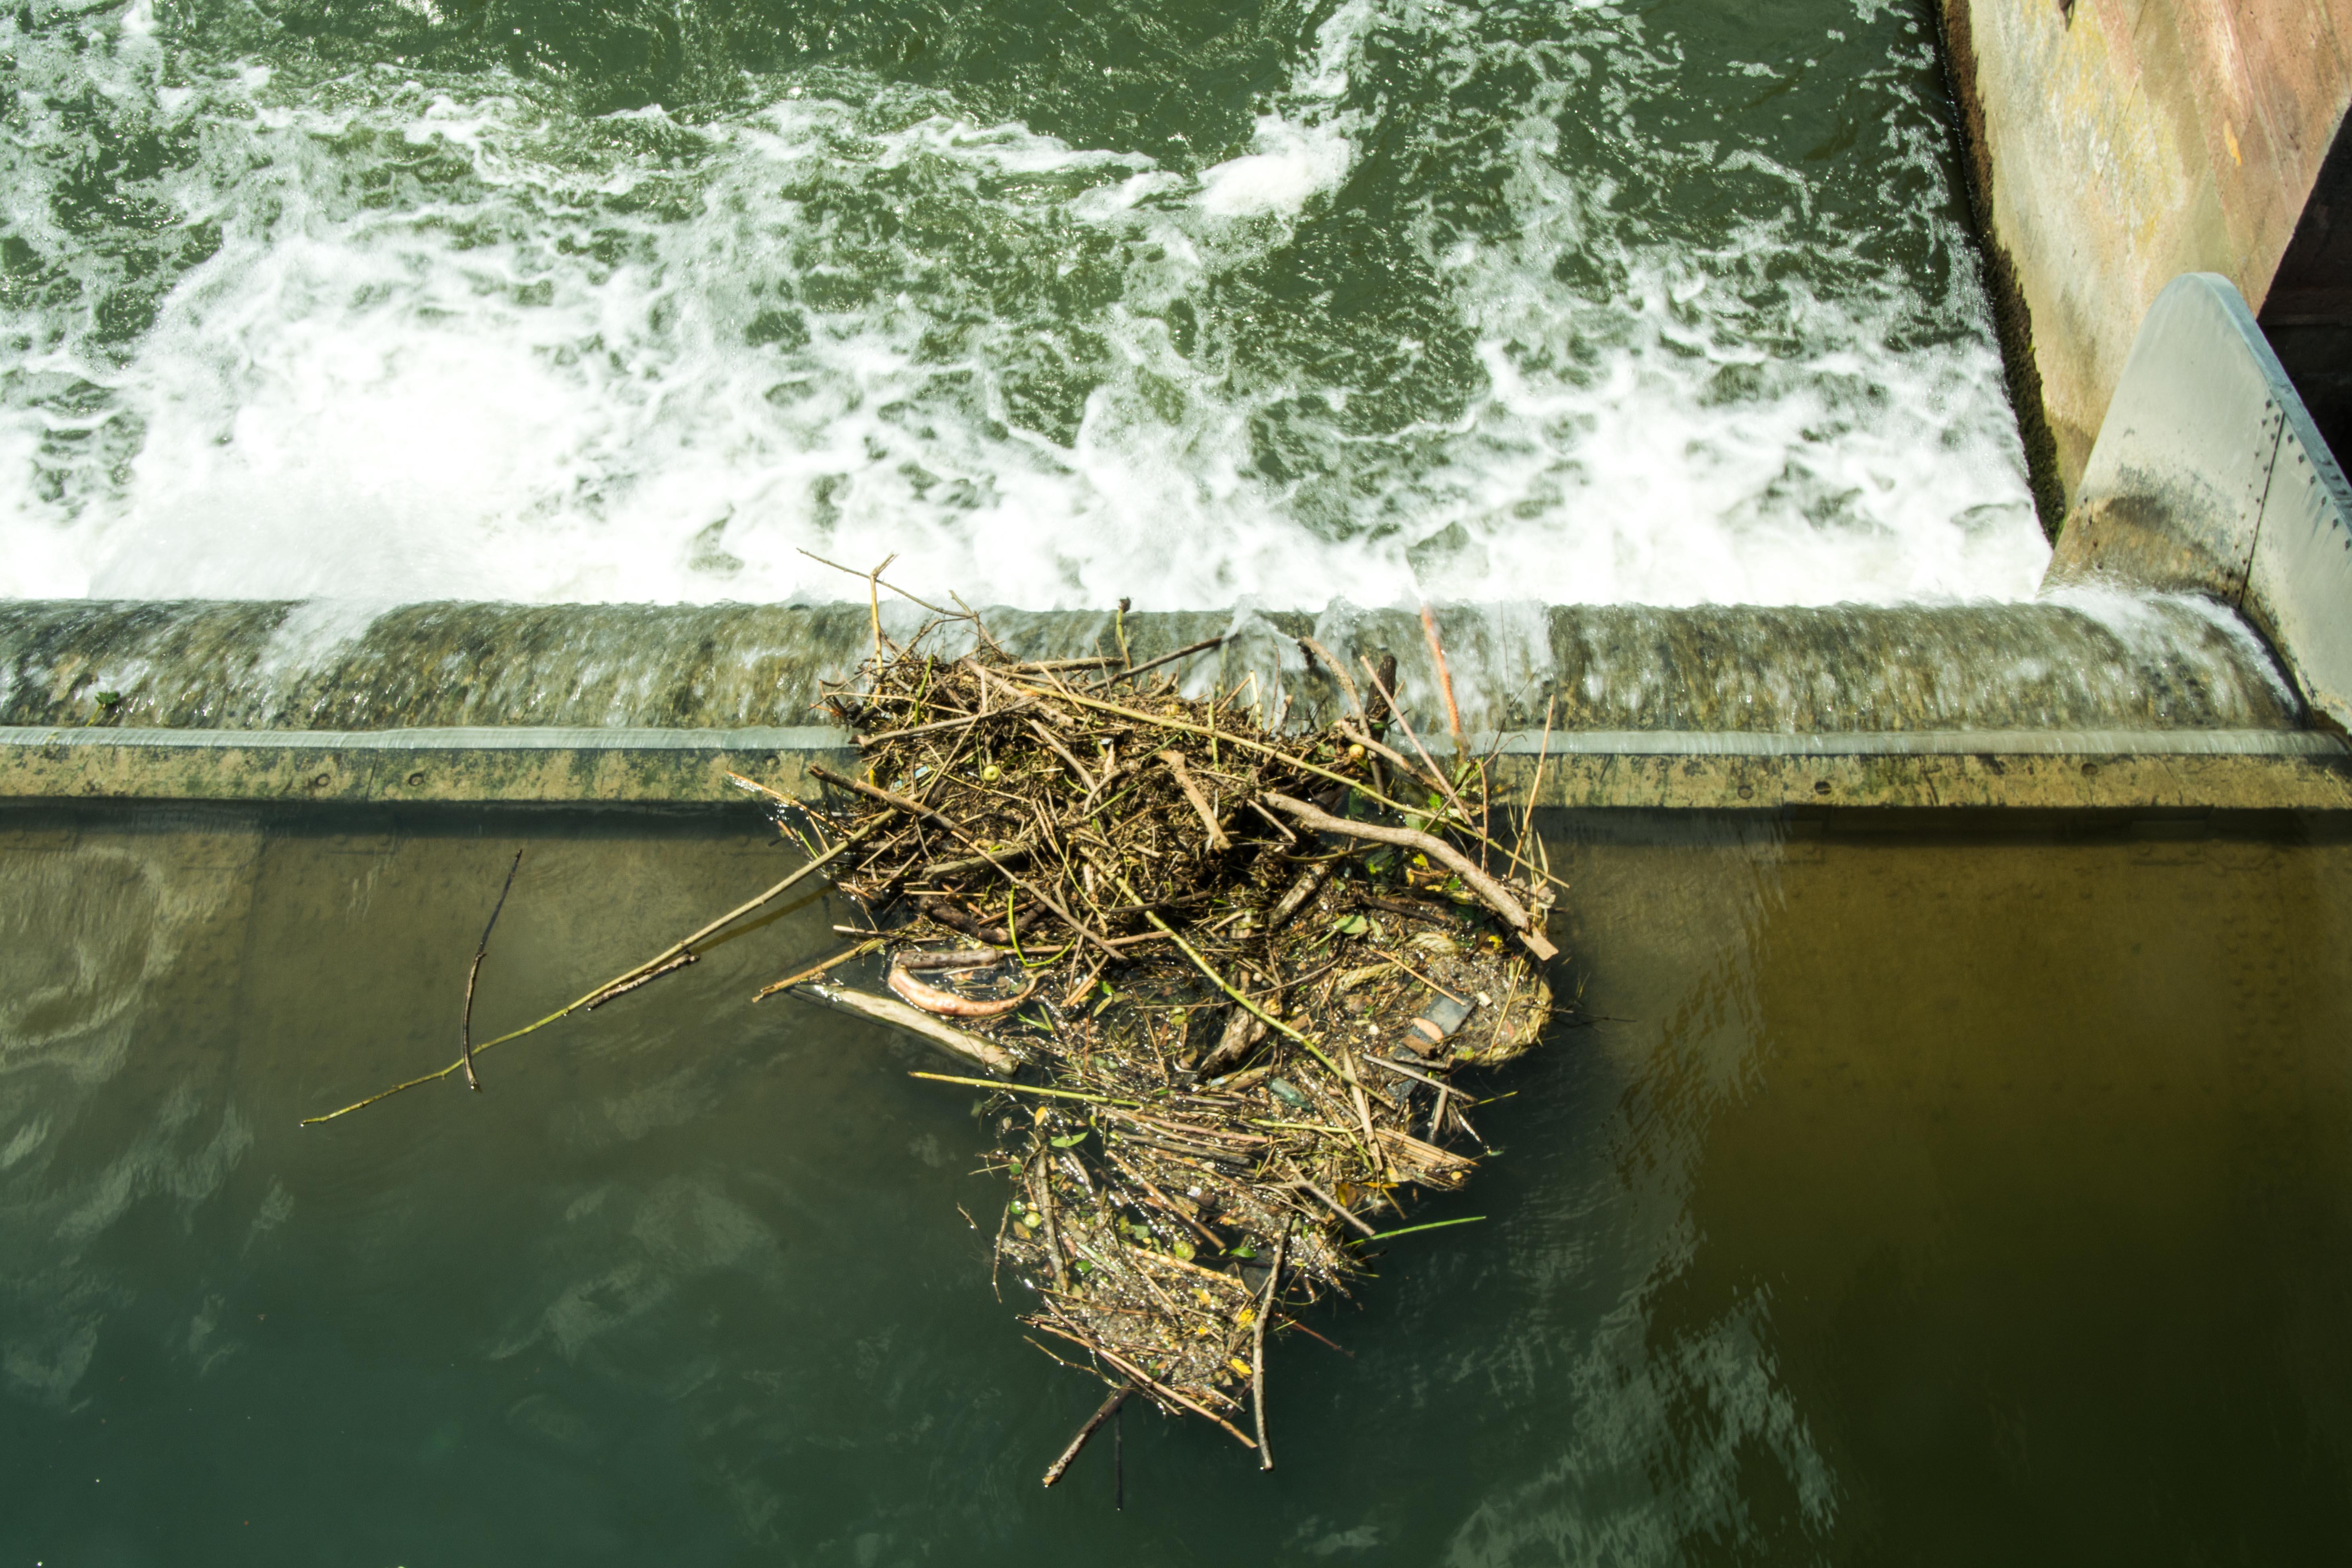 Der Neckar fließt friedlich durch die schönste Stadt des Landes? Der Schein trügt. Foto: Philip Hiller